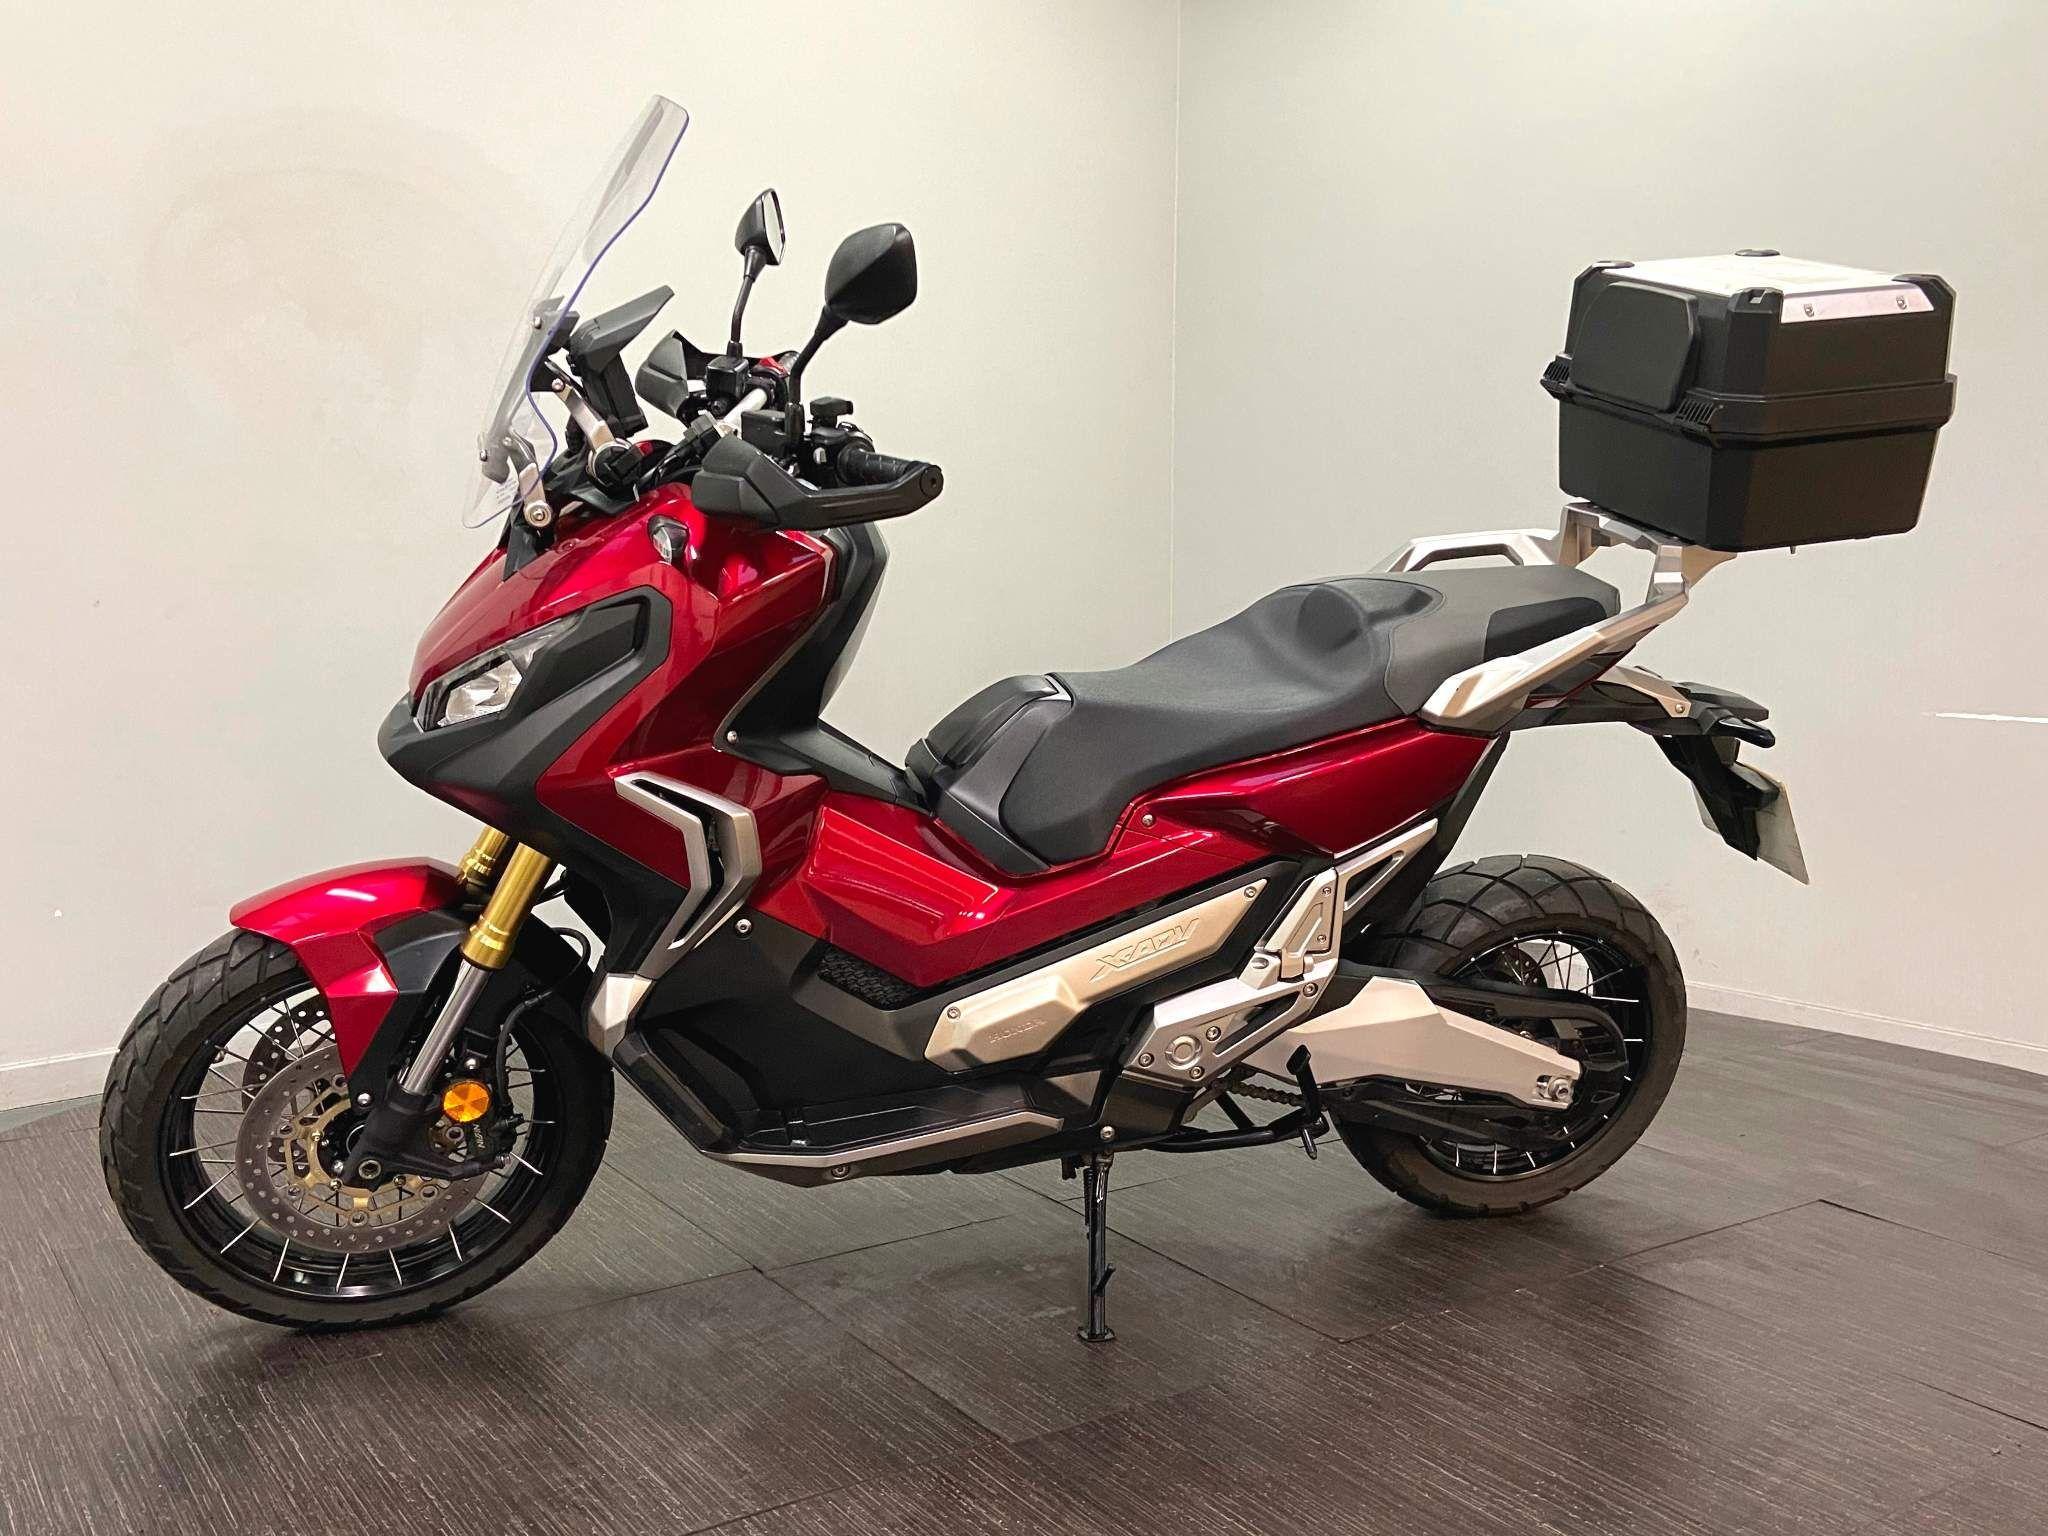 Honda X-ADV Images